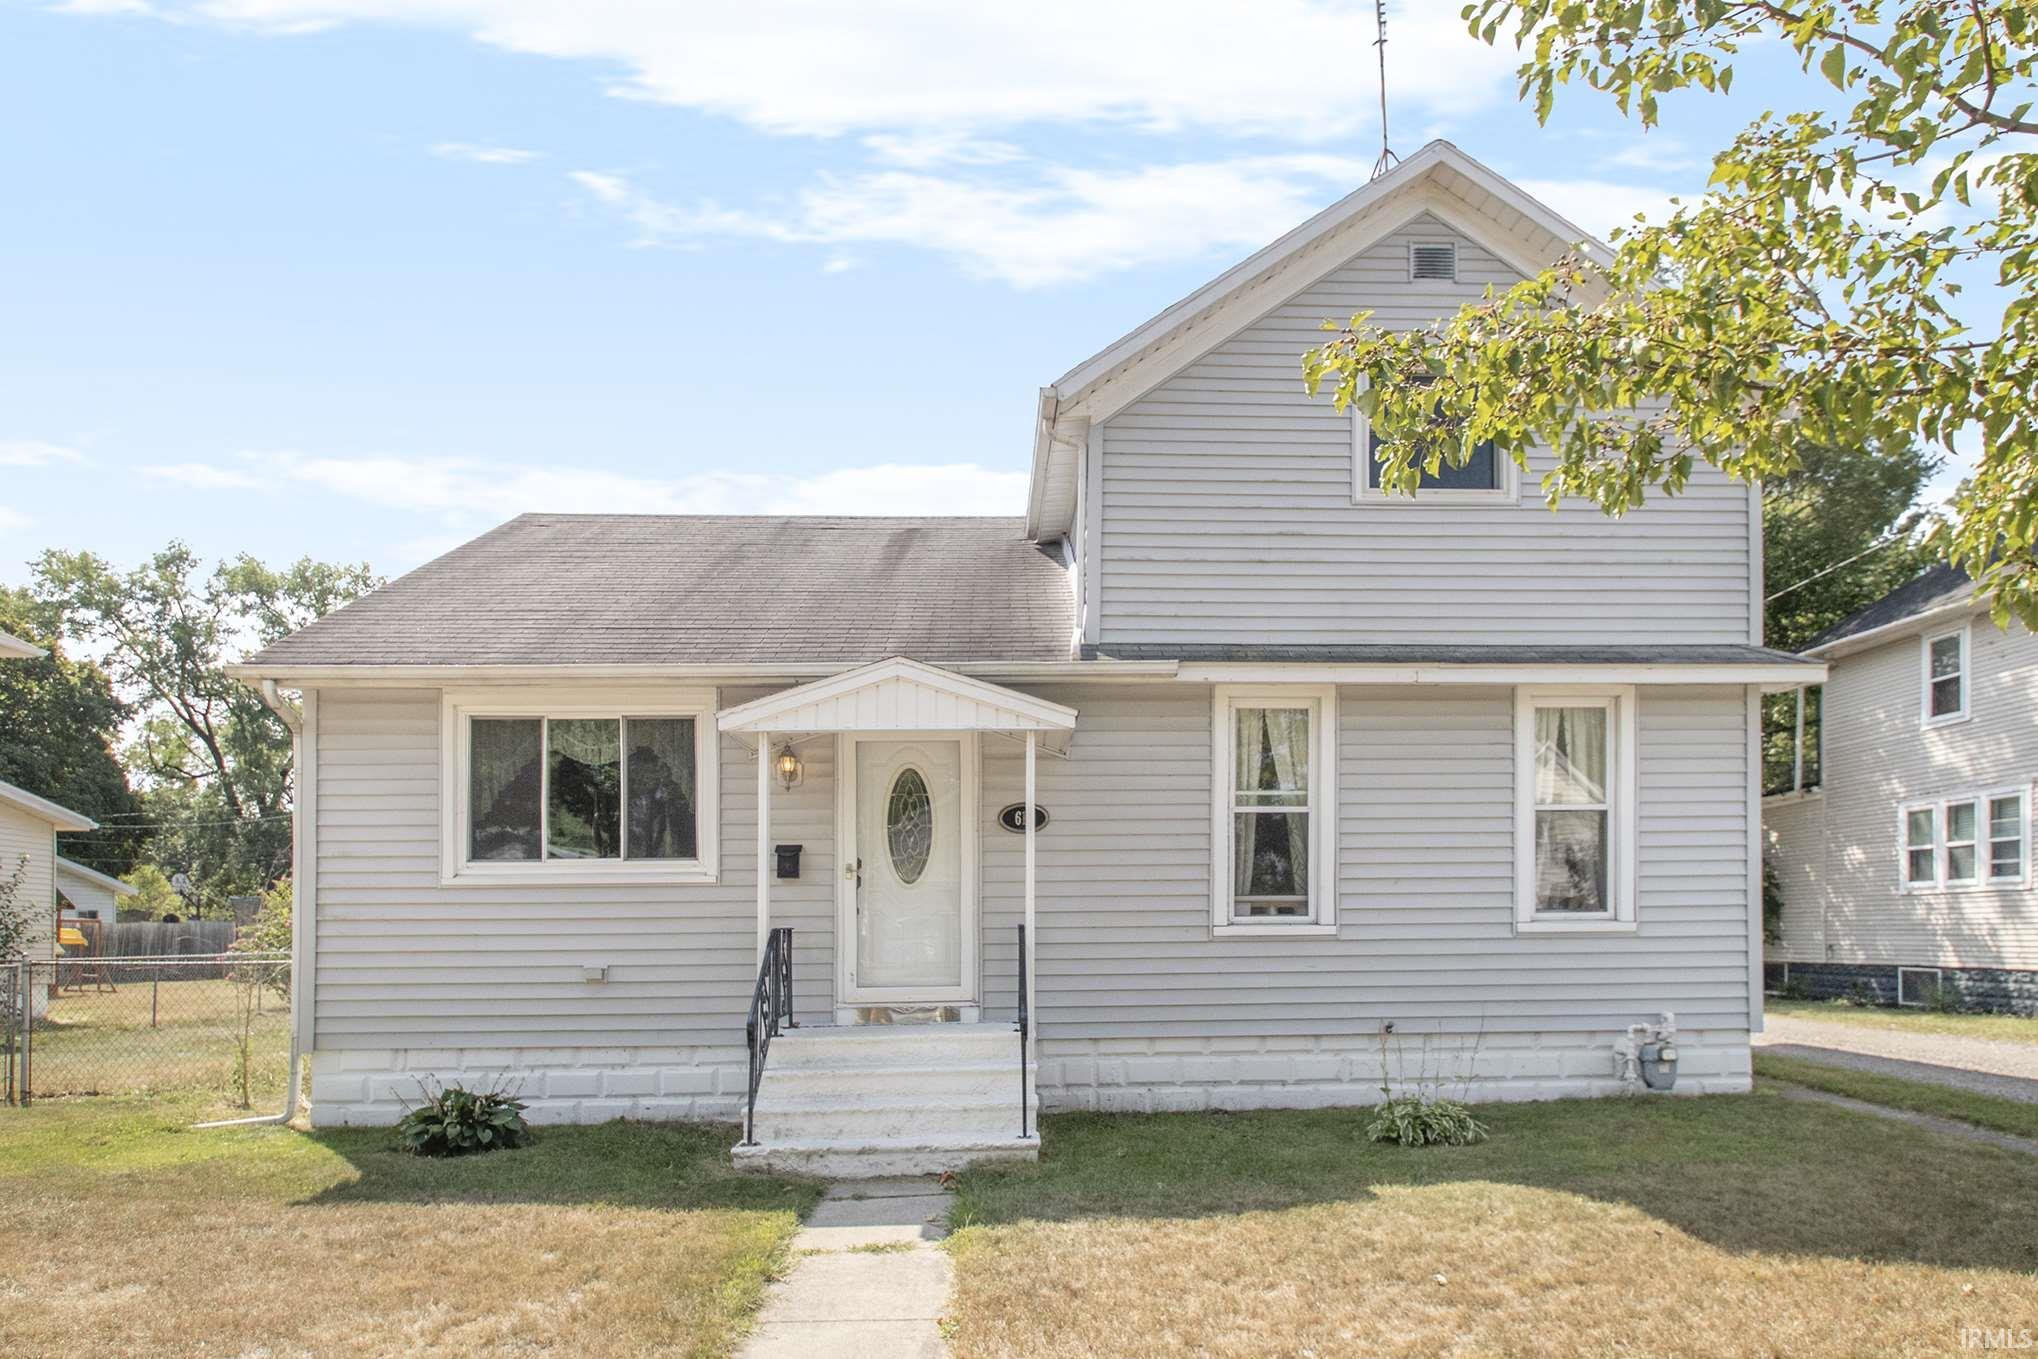 619 Maple Elkhart, IN 46514